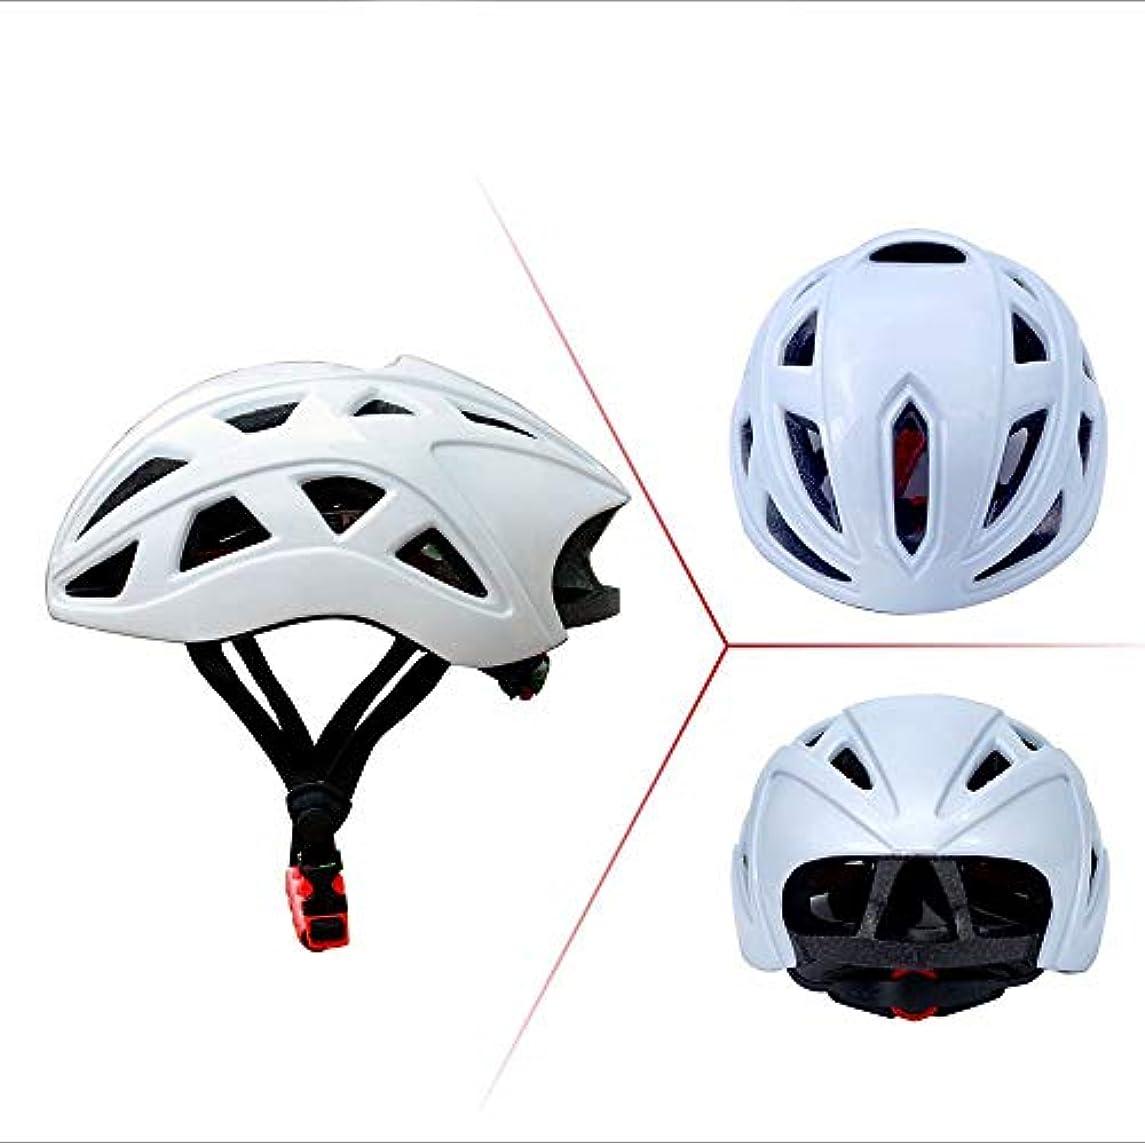 遊び場バイオレット噴水HYH サイクリング自転車自転車マウンテンバイク統合成形スポーツヘルメット男性と女性の ヘルメット いい人生 (Color : White)